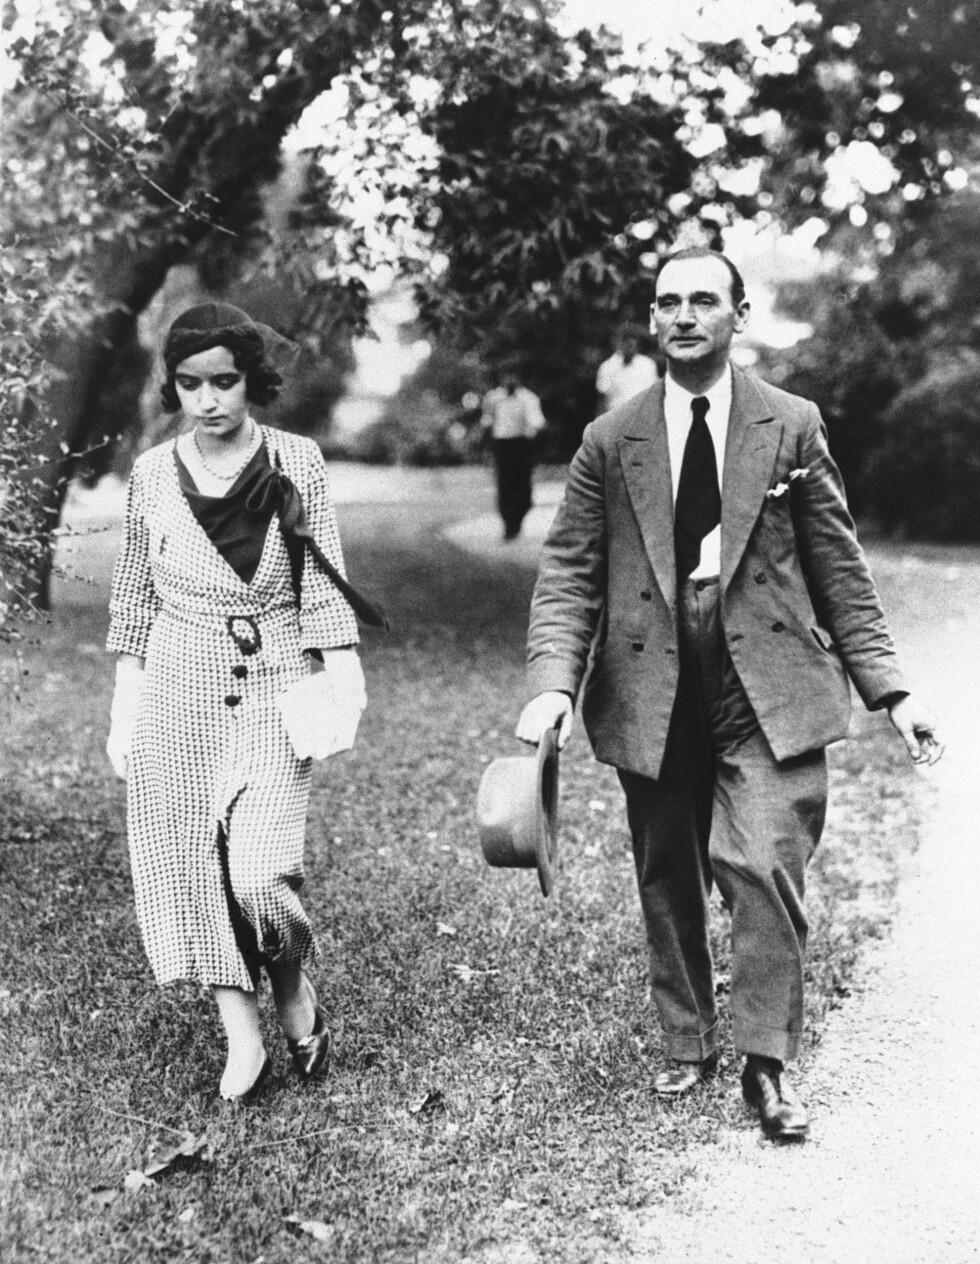 MISTENKTE: Barnepiken Betty Gow, som fant den tomme babyvuggen, og butler Ollie Wheatley var blant de første mistenkte. Dette bildet er tatt i forbindelse rettshøringene i 1934. Foto: NTB Scanpix